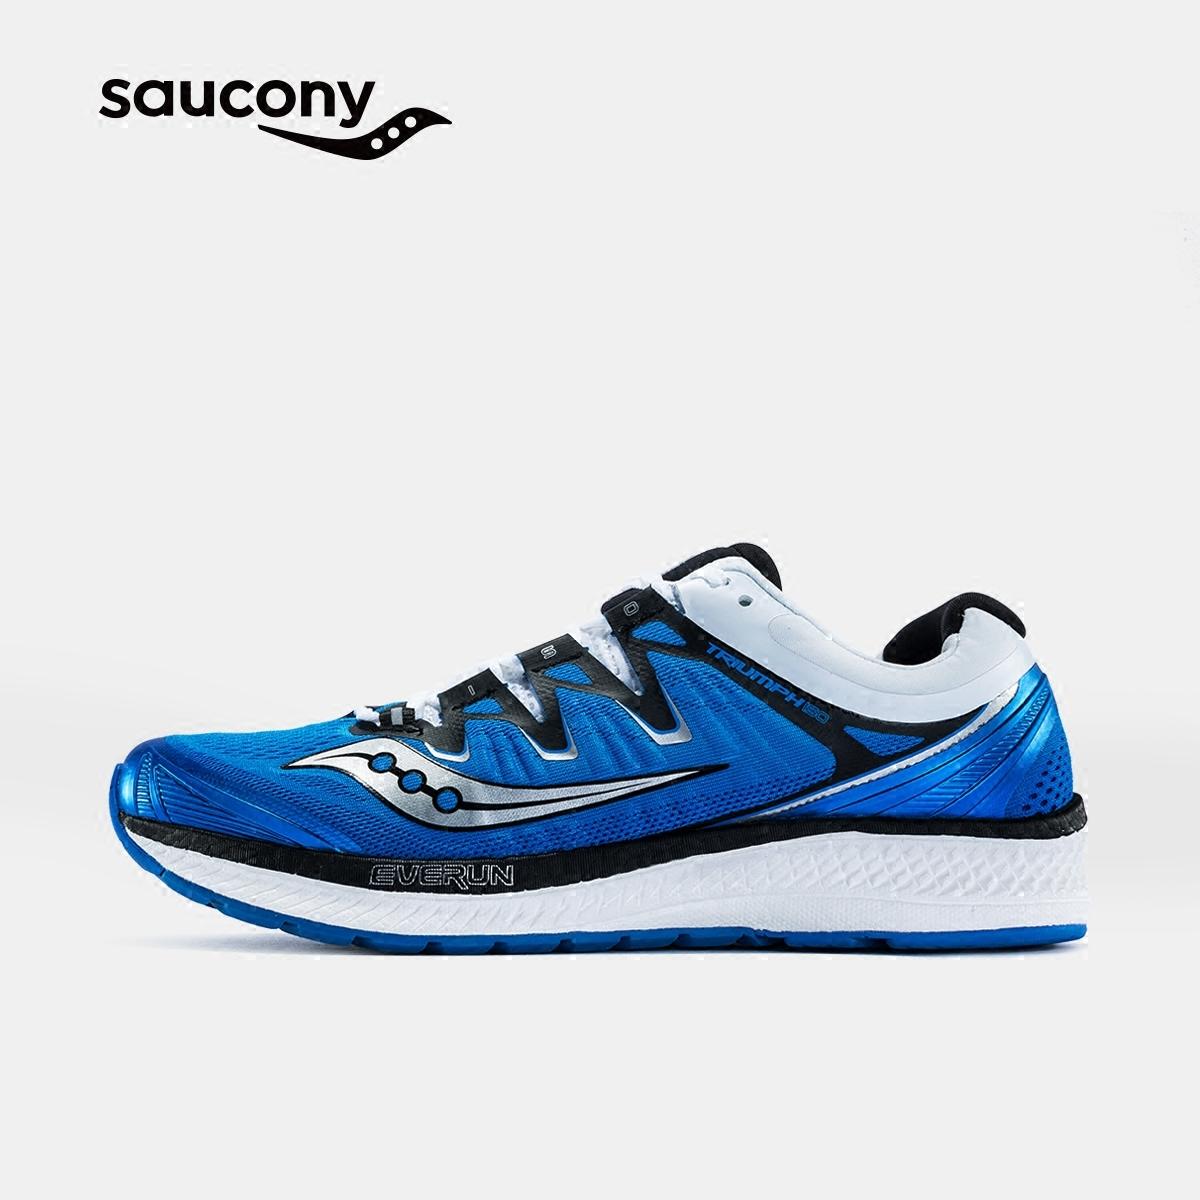 Saucony圣康尼TRIUMPH ISO4 舒适缓震跑鞋运动鞋男跑步鞋S20413-A